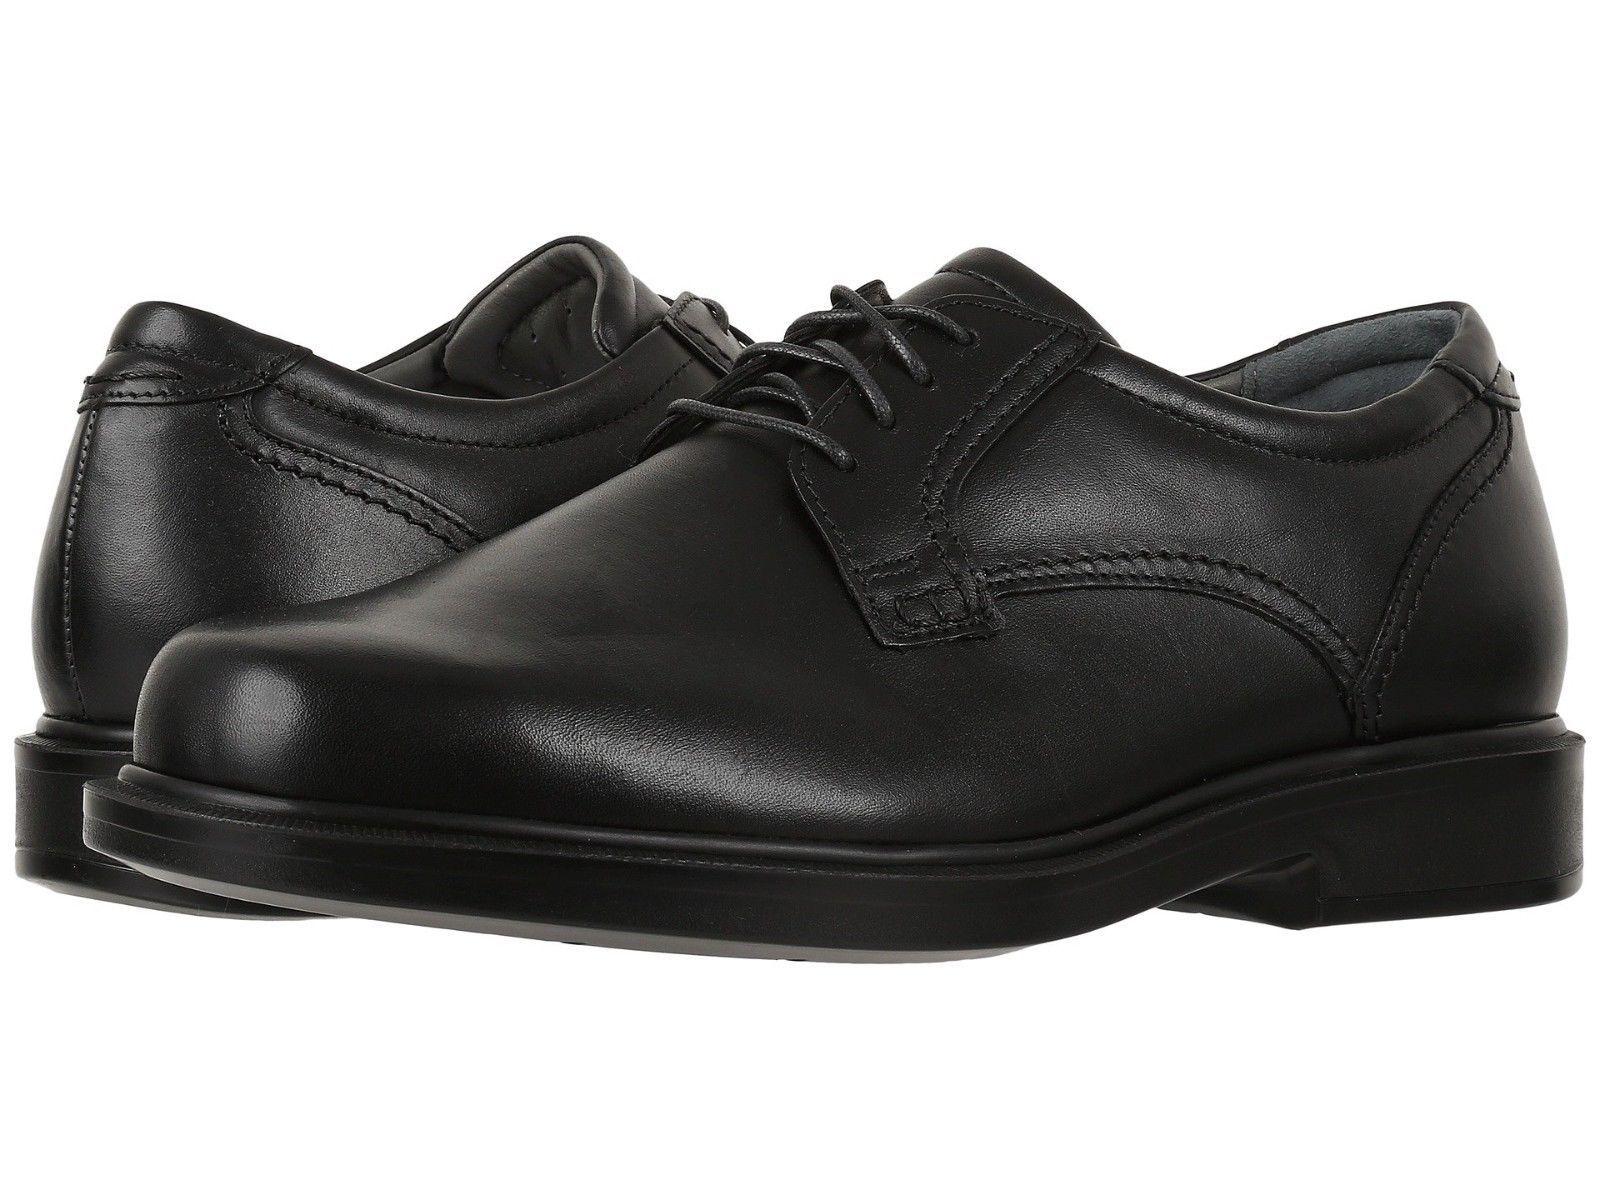 0f590044e8bd5a Mens SAS Shoes Ambassador Black Extra Wide and 50 similar items